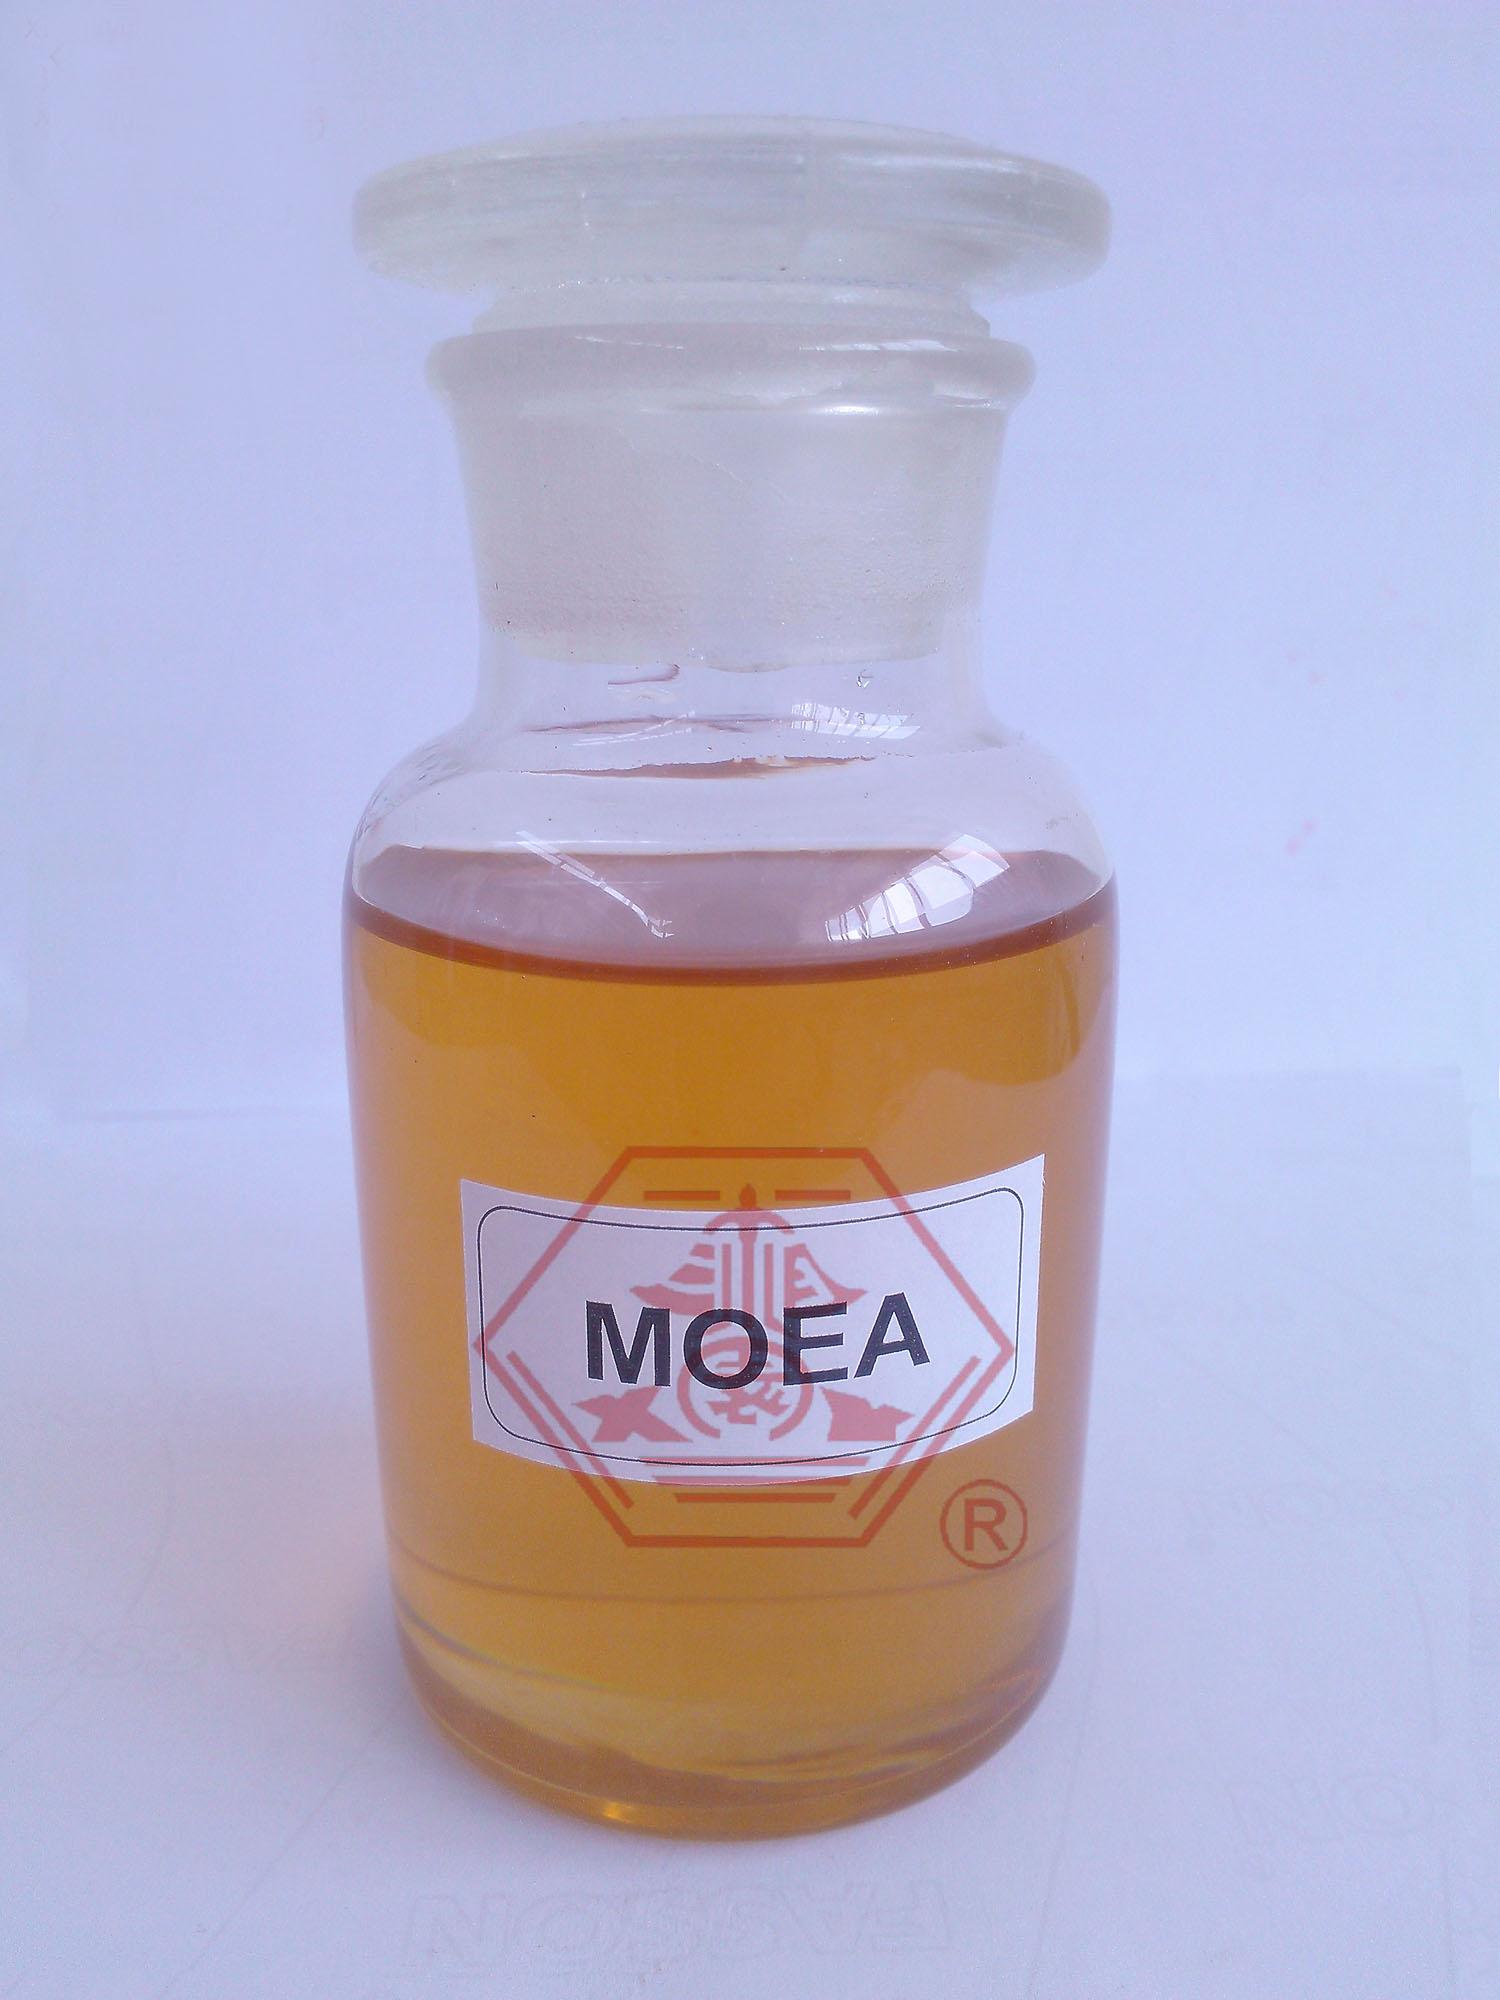 XYLINK MOEA; CAS NO.: 19900-65-3